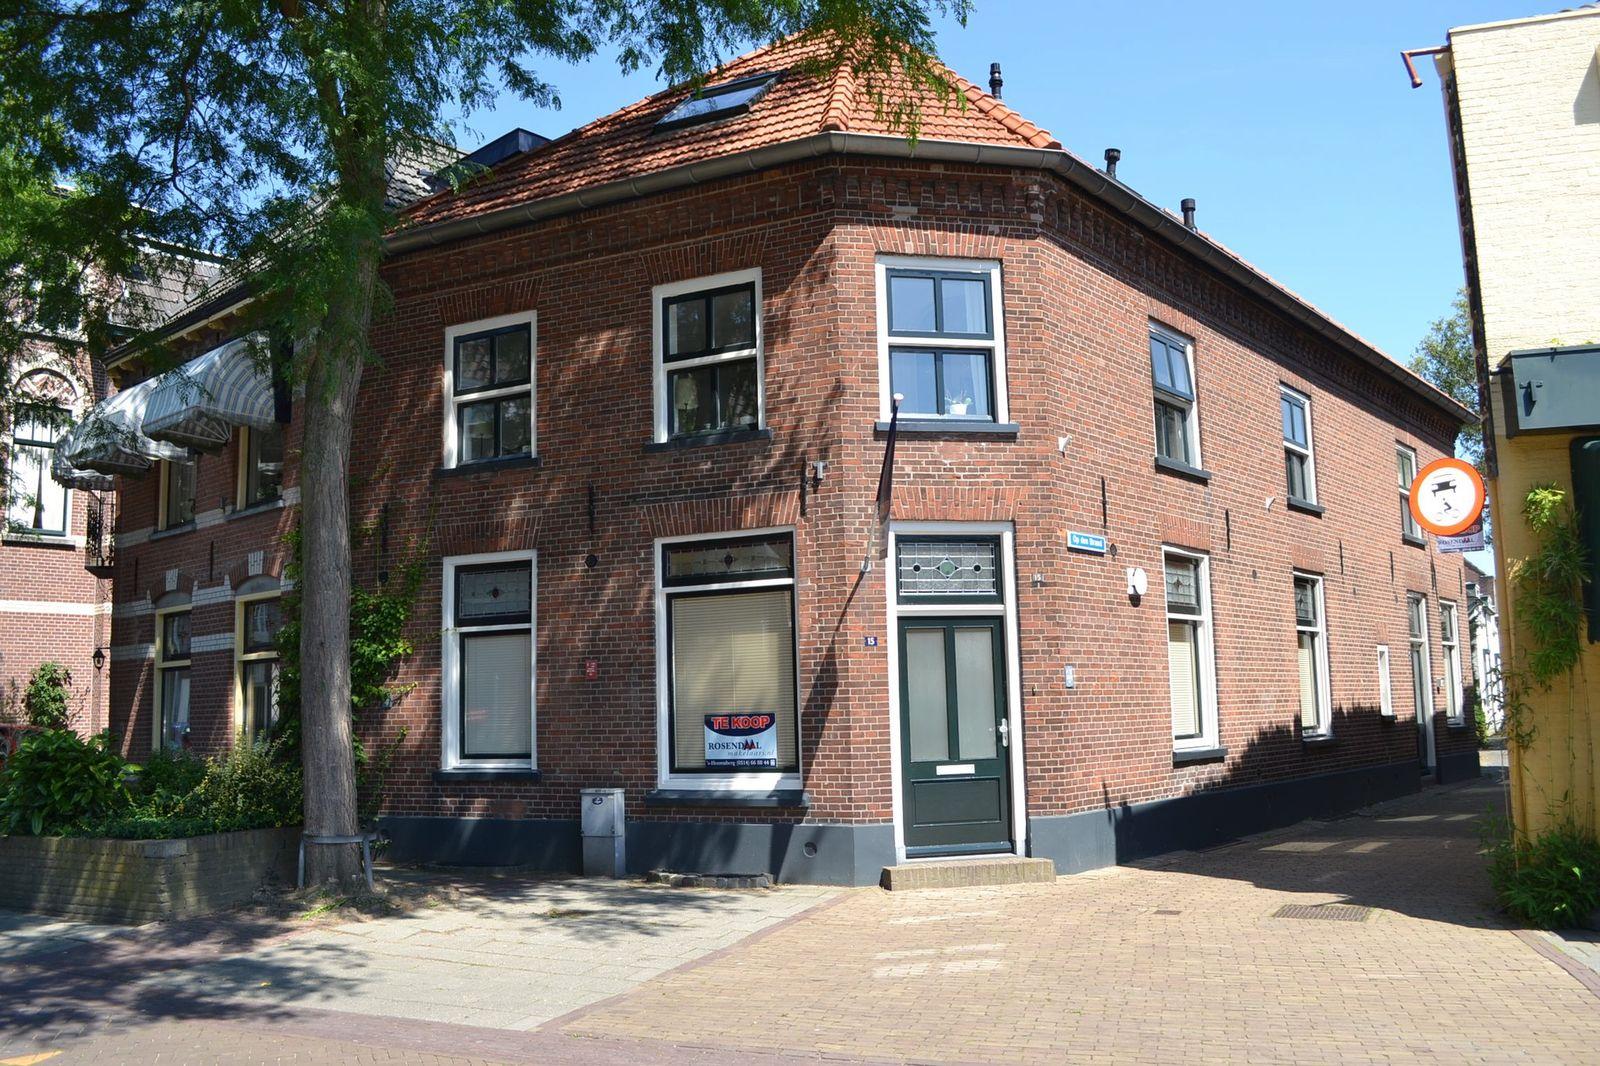 Marktstraat 15, 's-heerenberg